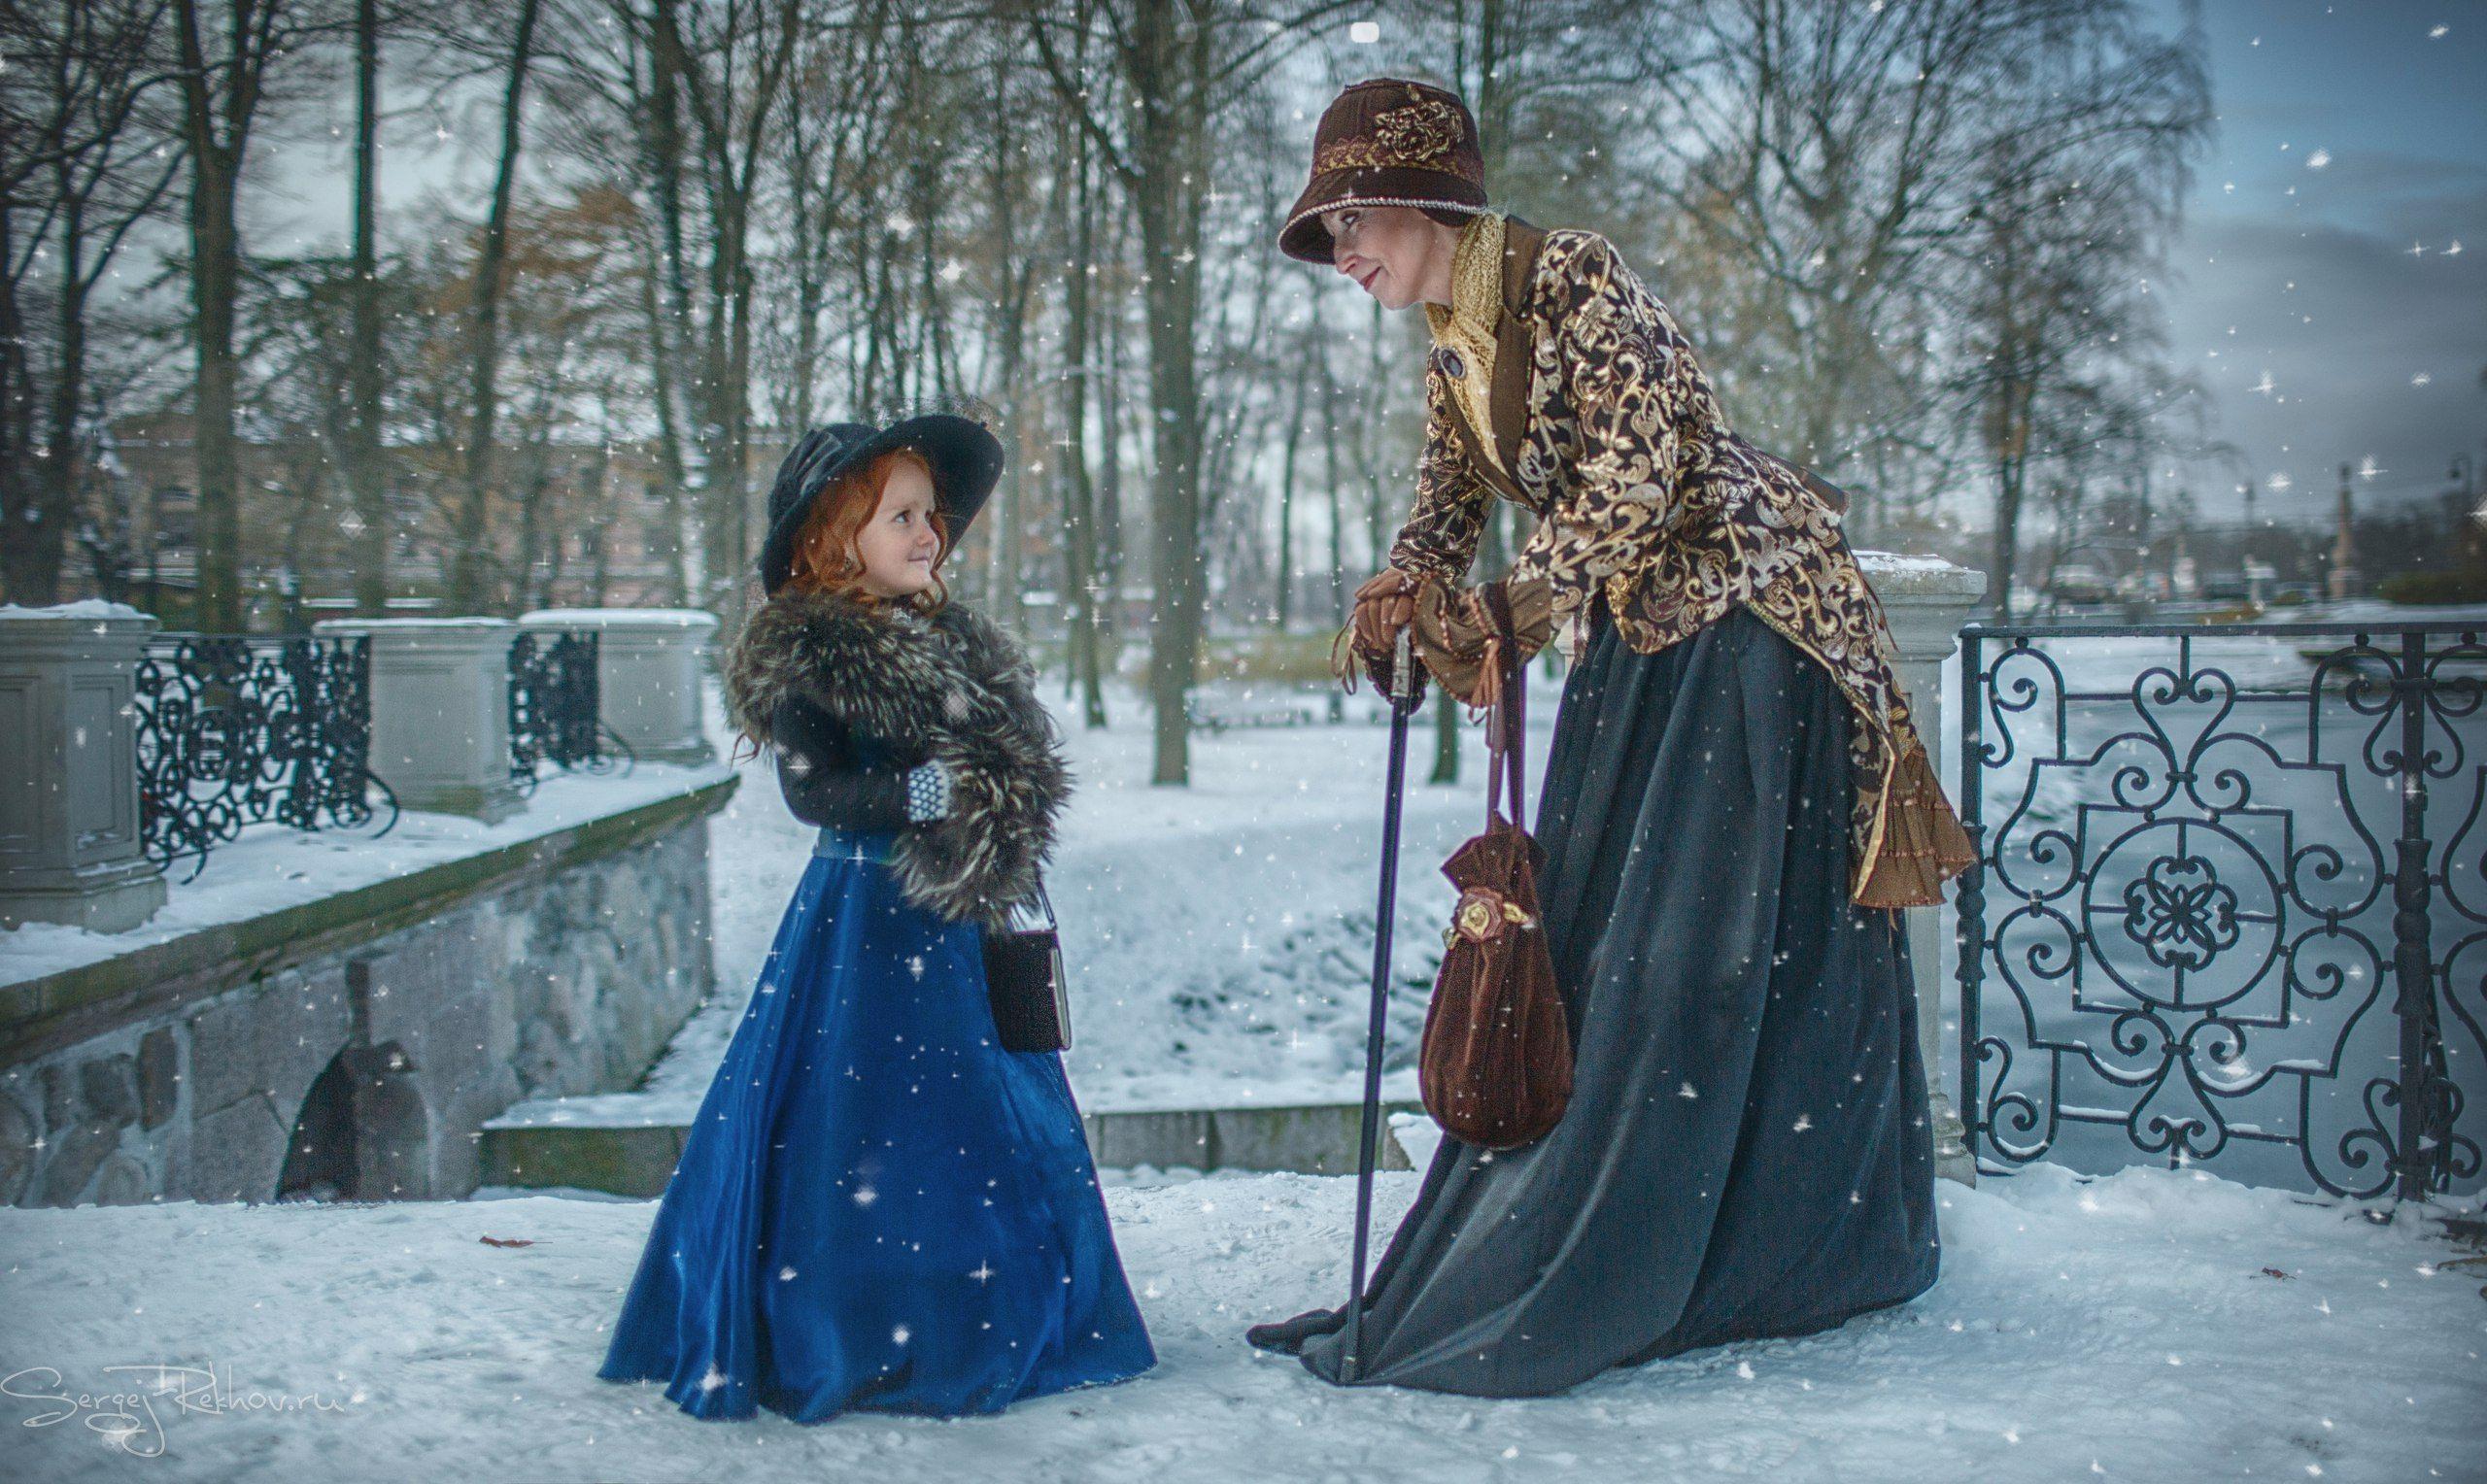 фея, сказка, парк, встреча, зима, снег, разговор, rekhov, Сергей Рехов